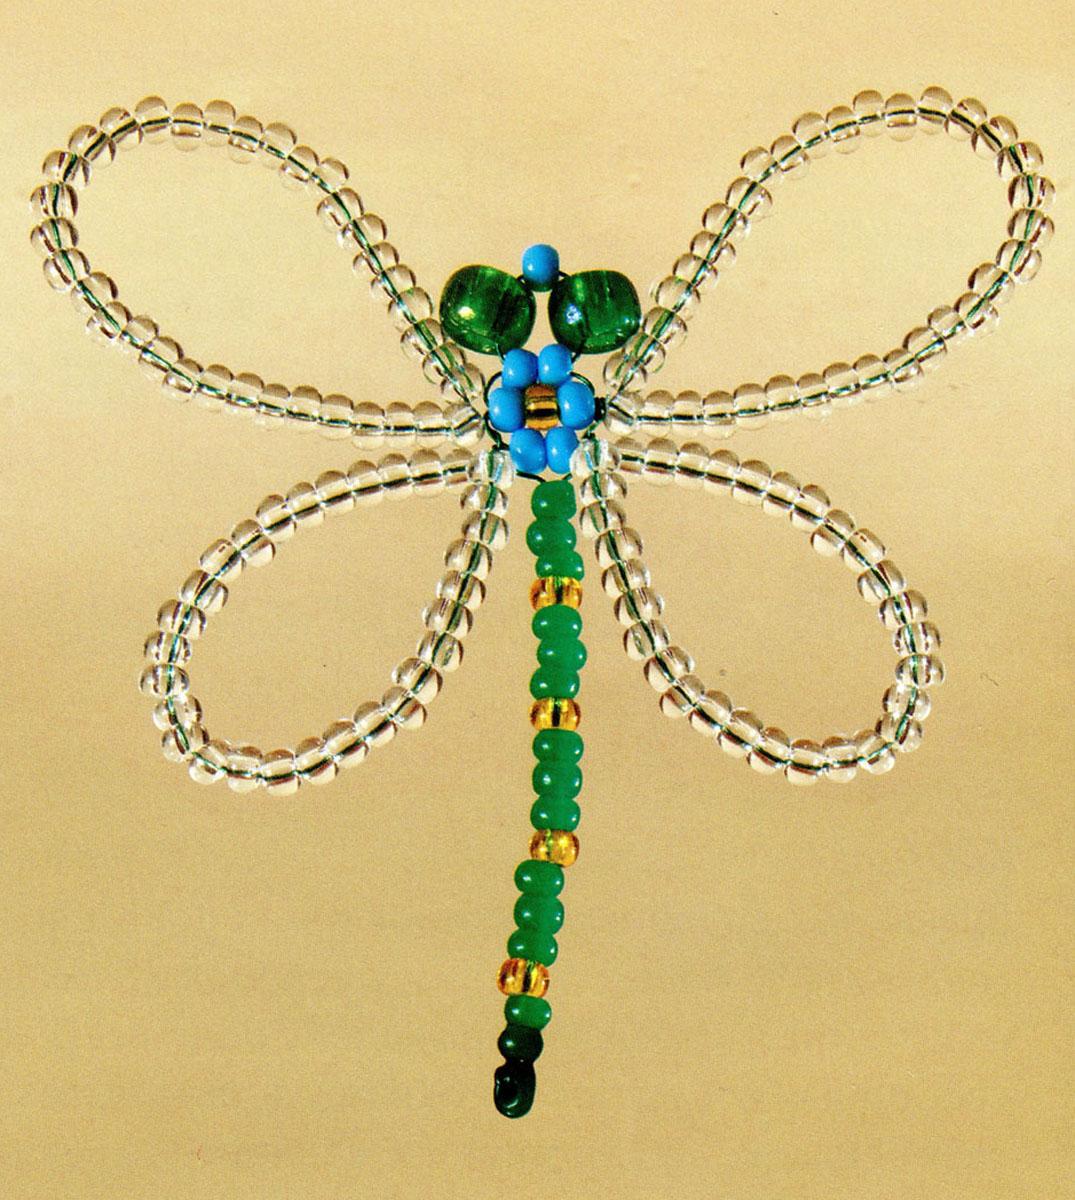 Набор для бисероплетения Чаривна Мить, 9 х 7,5 см348700Состав набора: проволока - 1 цвет, бисер Чехия - 4 цвета, схема-инструкция